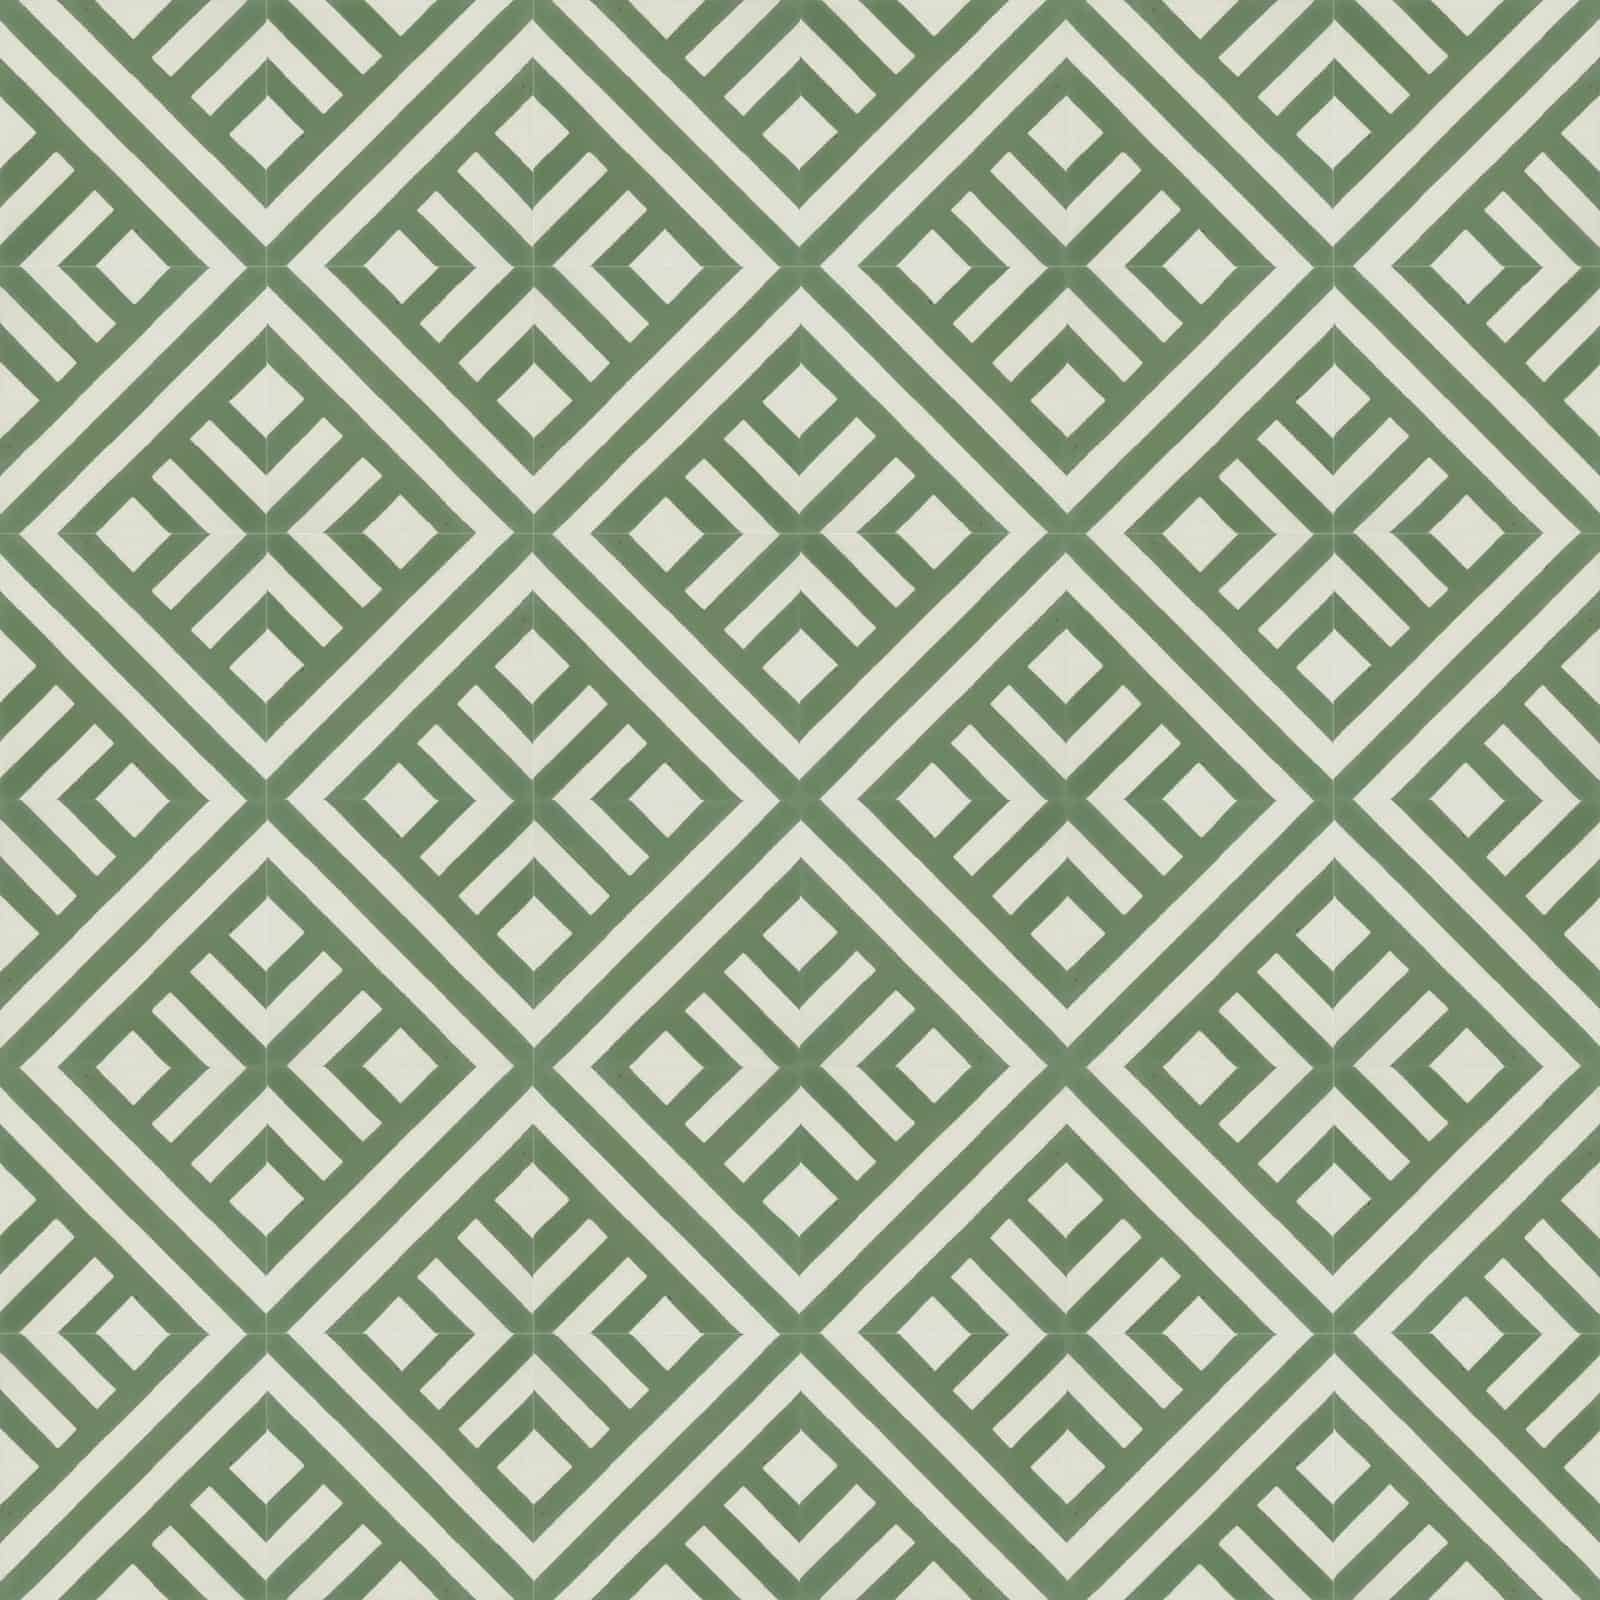 zementfliesen-nummer-14853-verlegemuster-viaplatten-A   14853